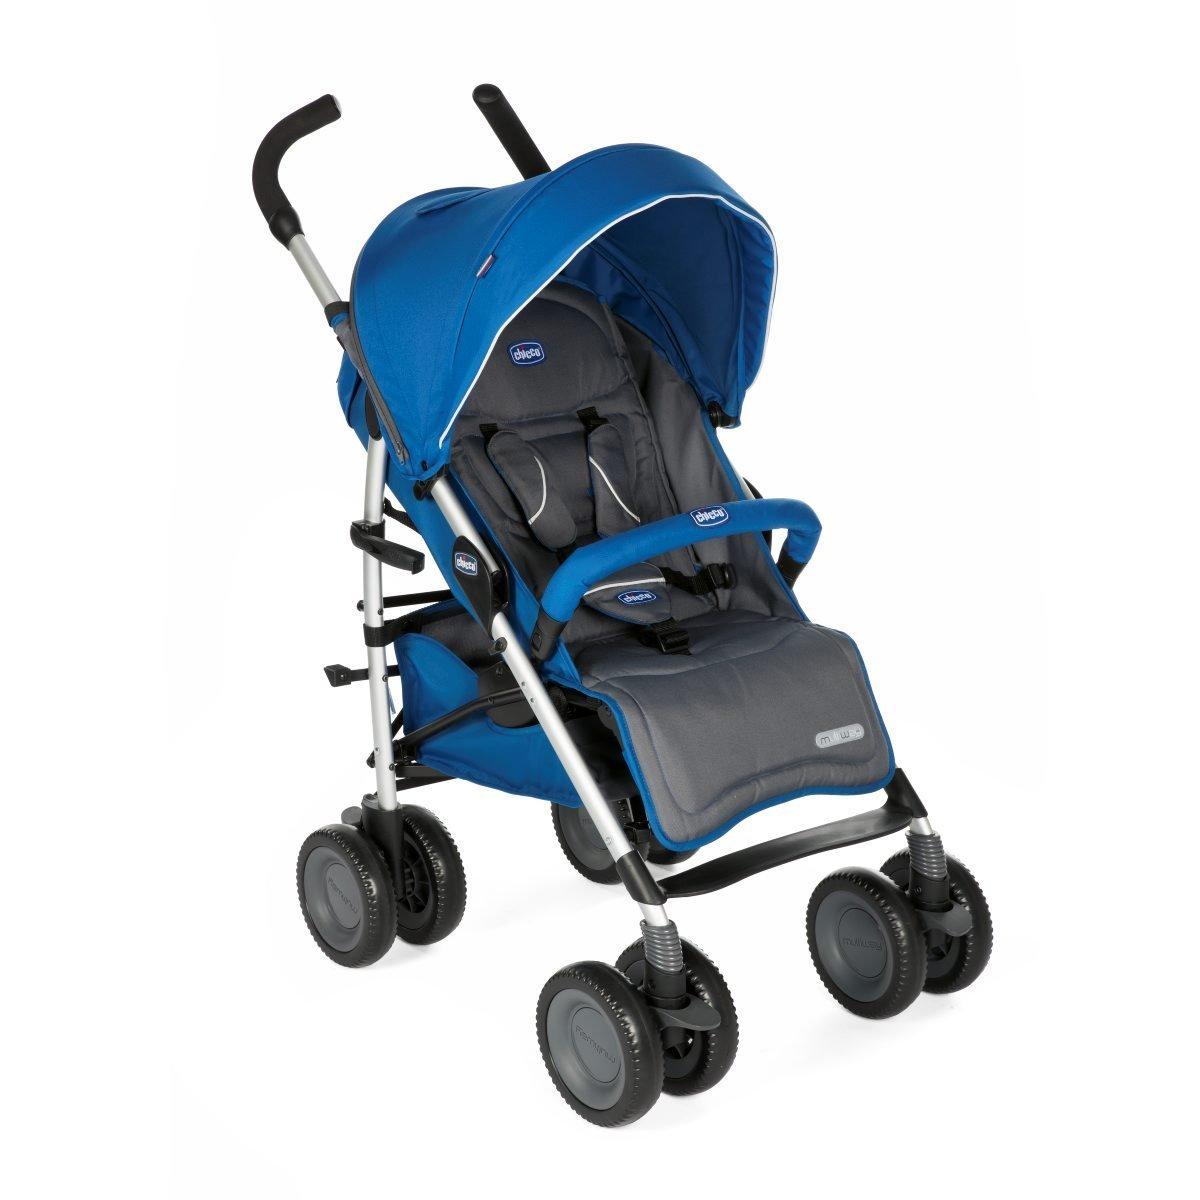 Chicco MultiWay2 - Silla de paseo todoterreno con ruedas grandes y suspensión, color azul Artsana 6079428800000